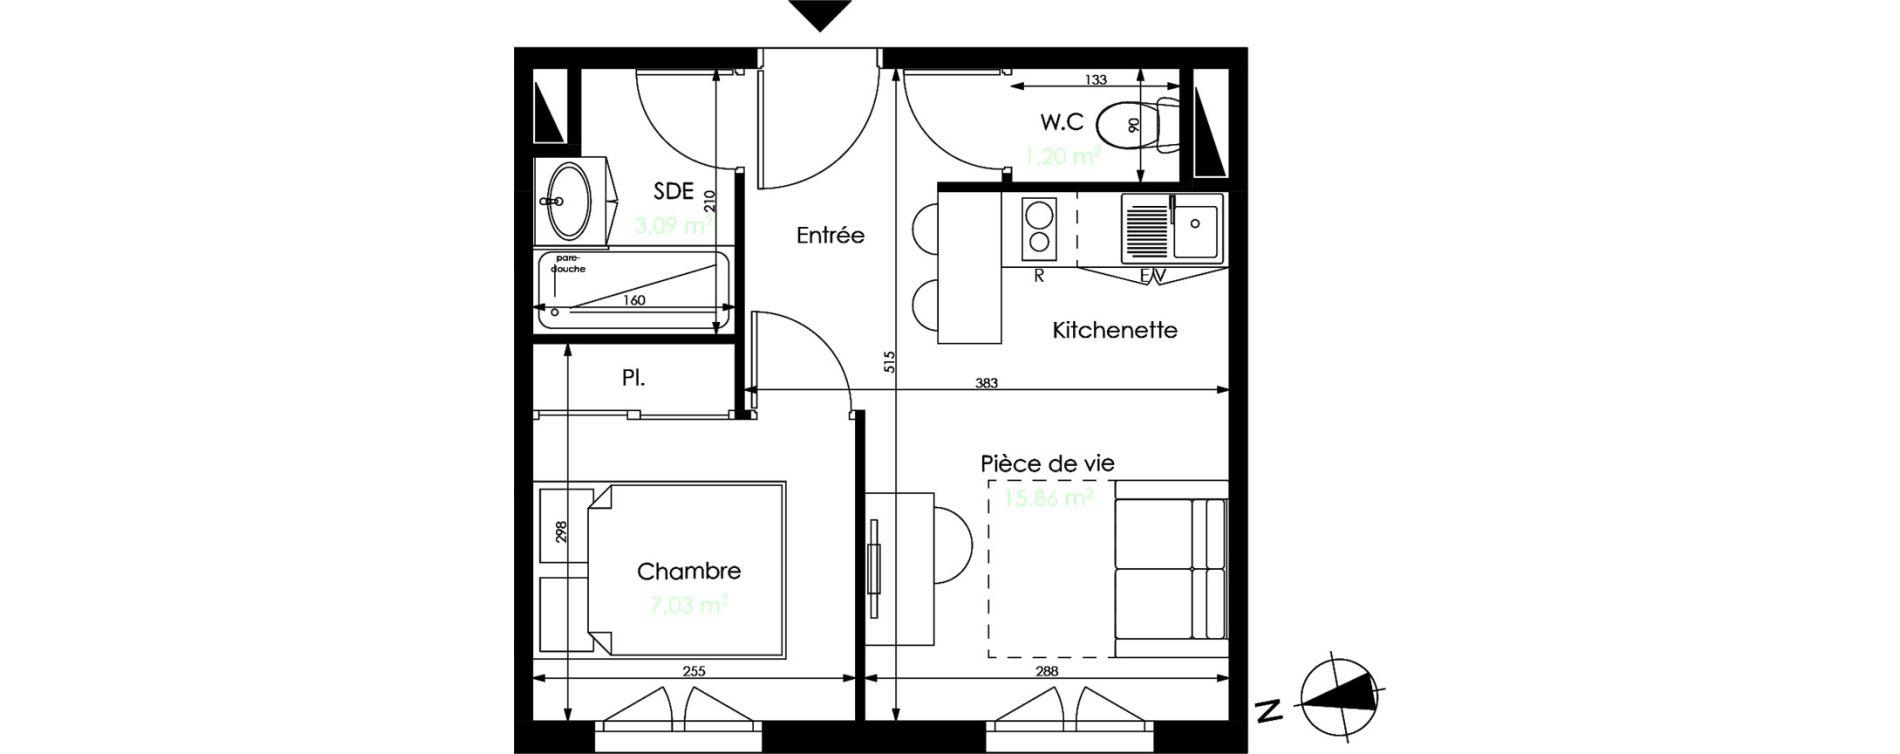 Appartement T2 de 27,18 m2 à Mérignac Capeyron